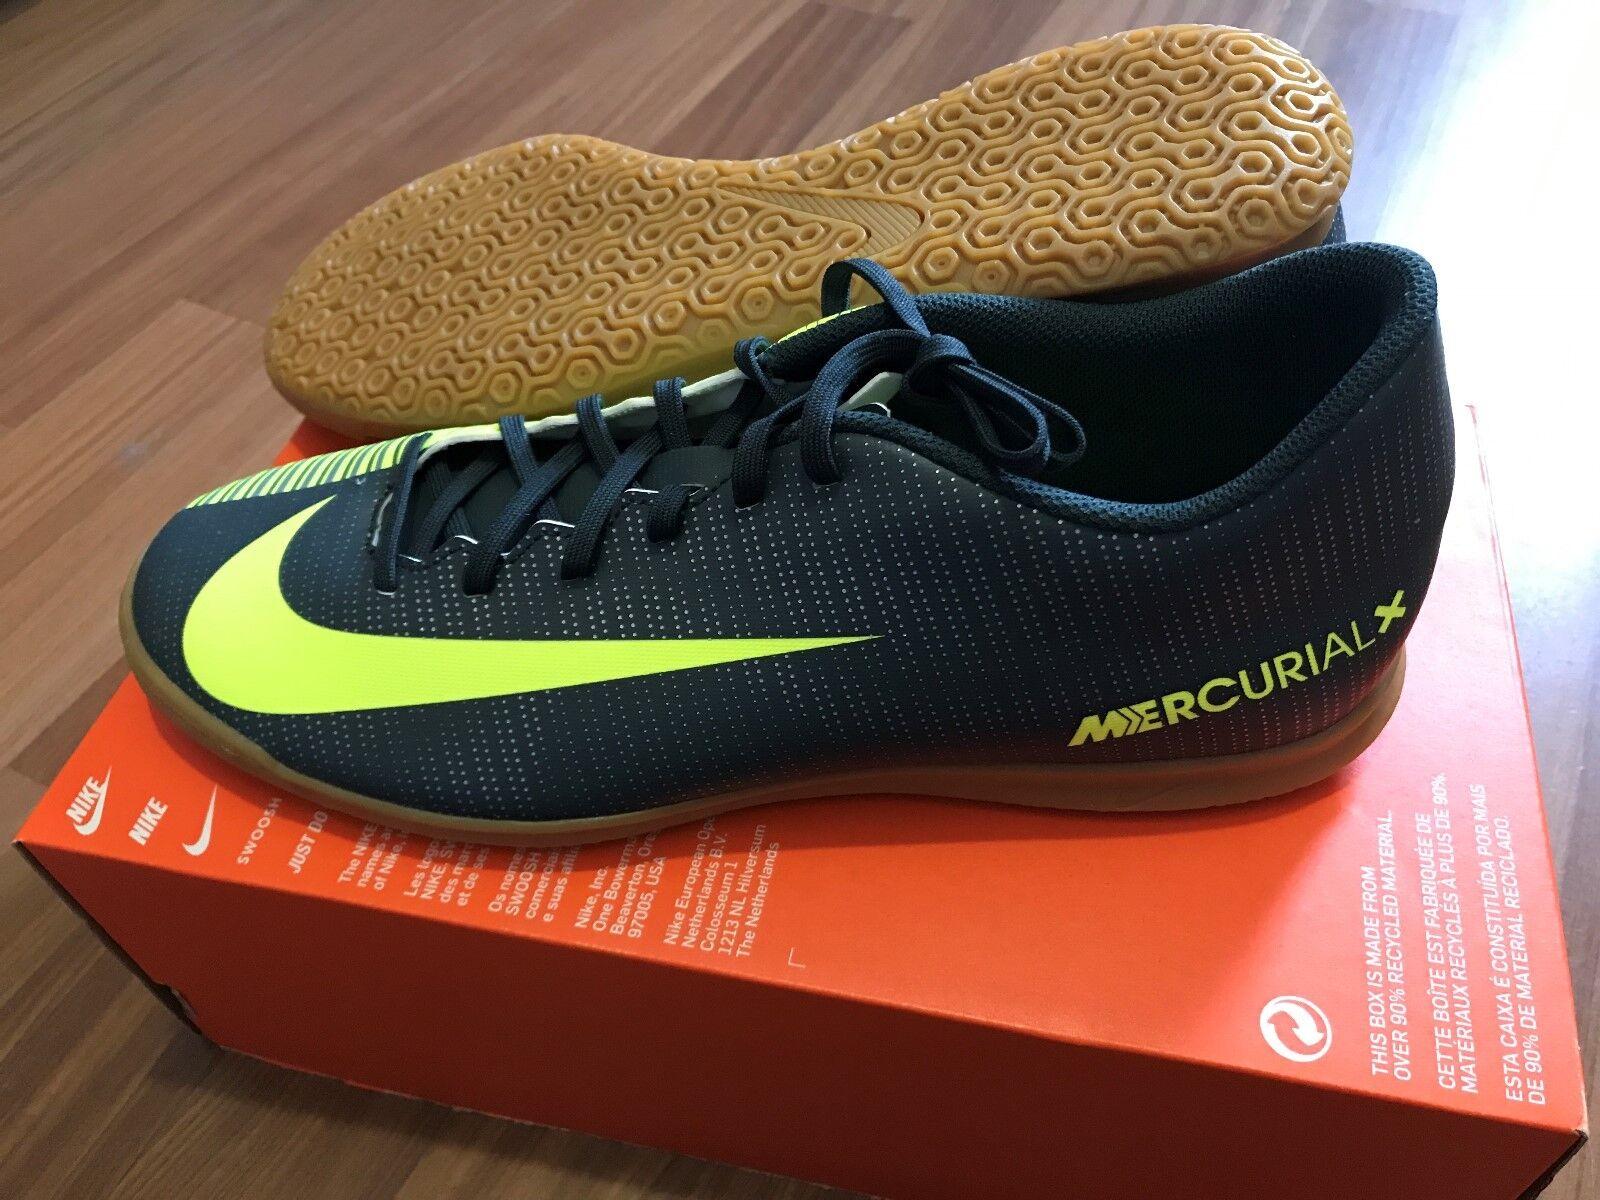 shoes DA CALCETTO NIKE MERCURIALX VORTEX III CR7 IC - NUOVE - PROFESSIONALI